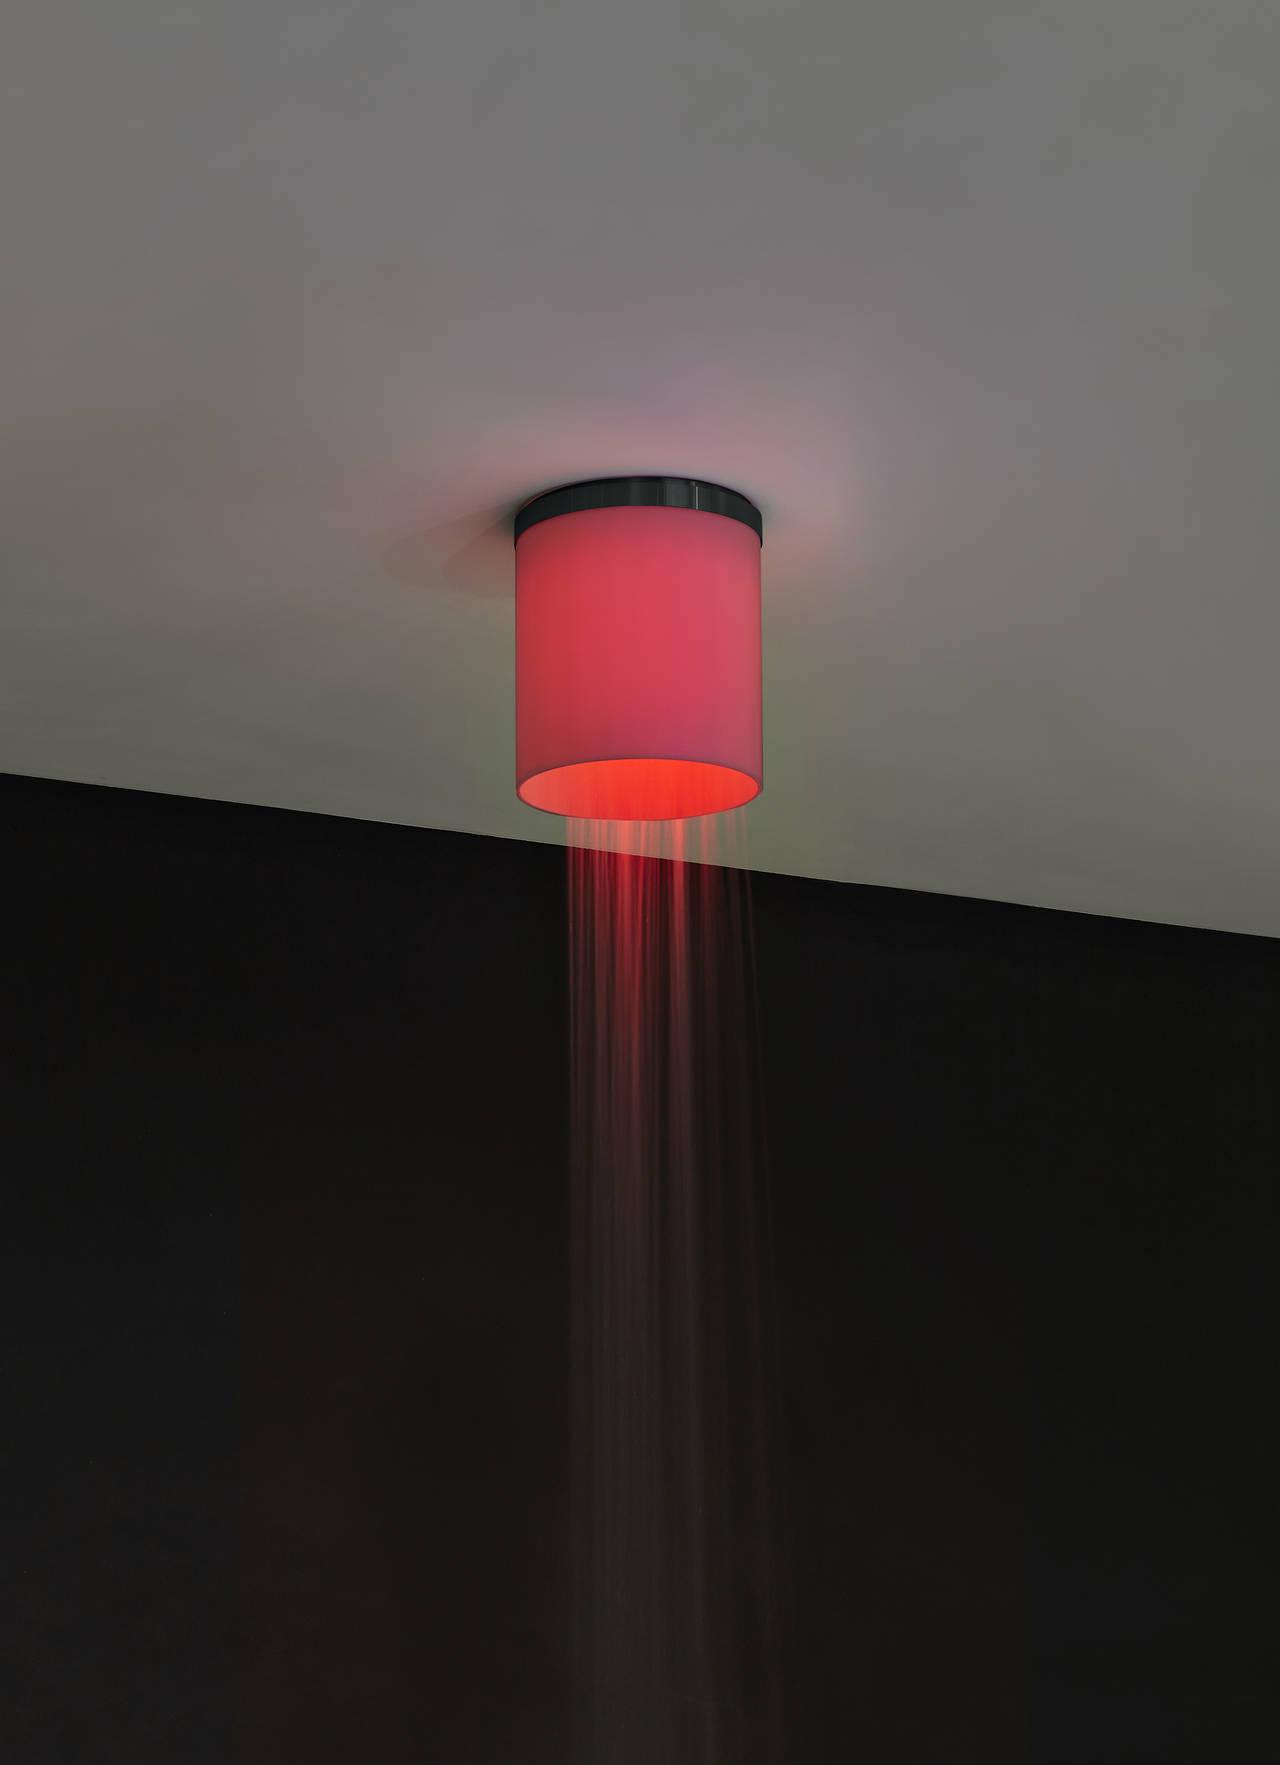 Soffione a soffio in acciaio inox completo di diffusore in acrilico opalino e illuminazione a LED RGB comprensivo di telecomando Waterproof.